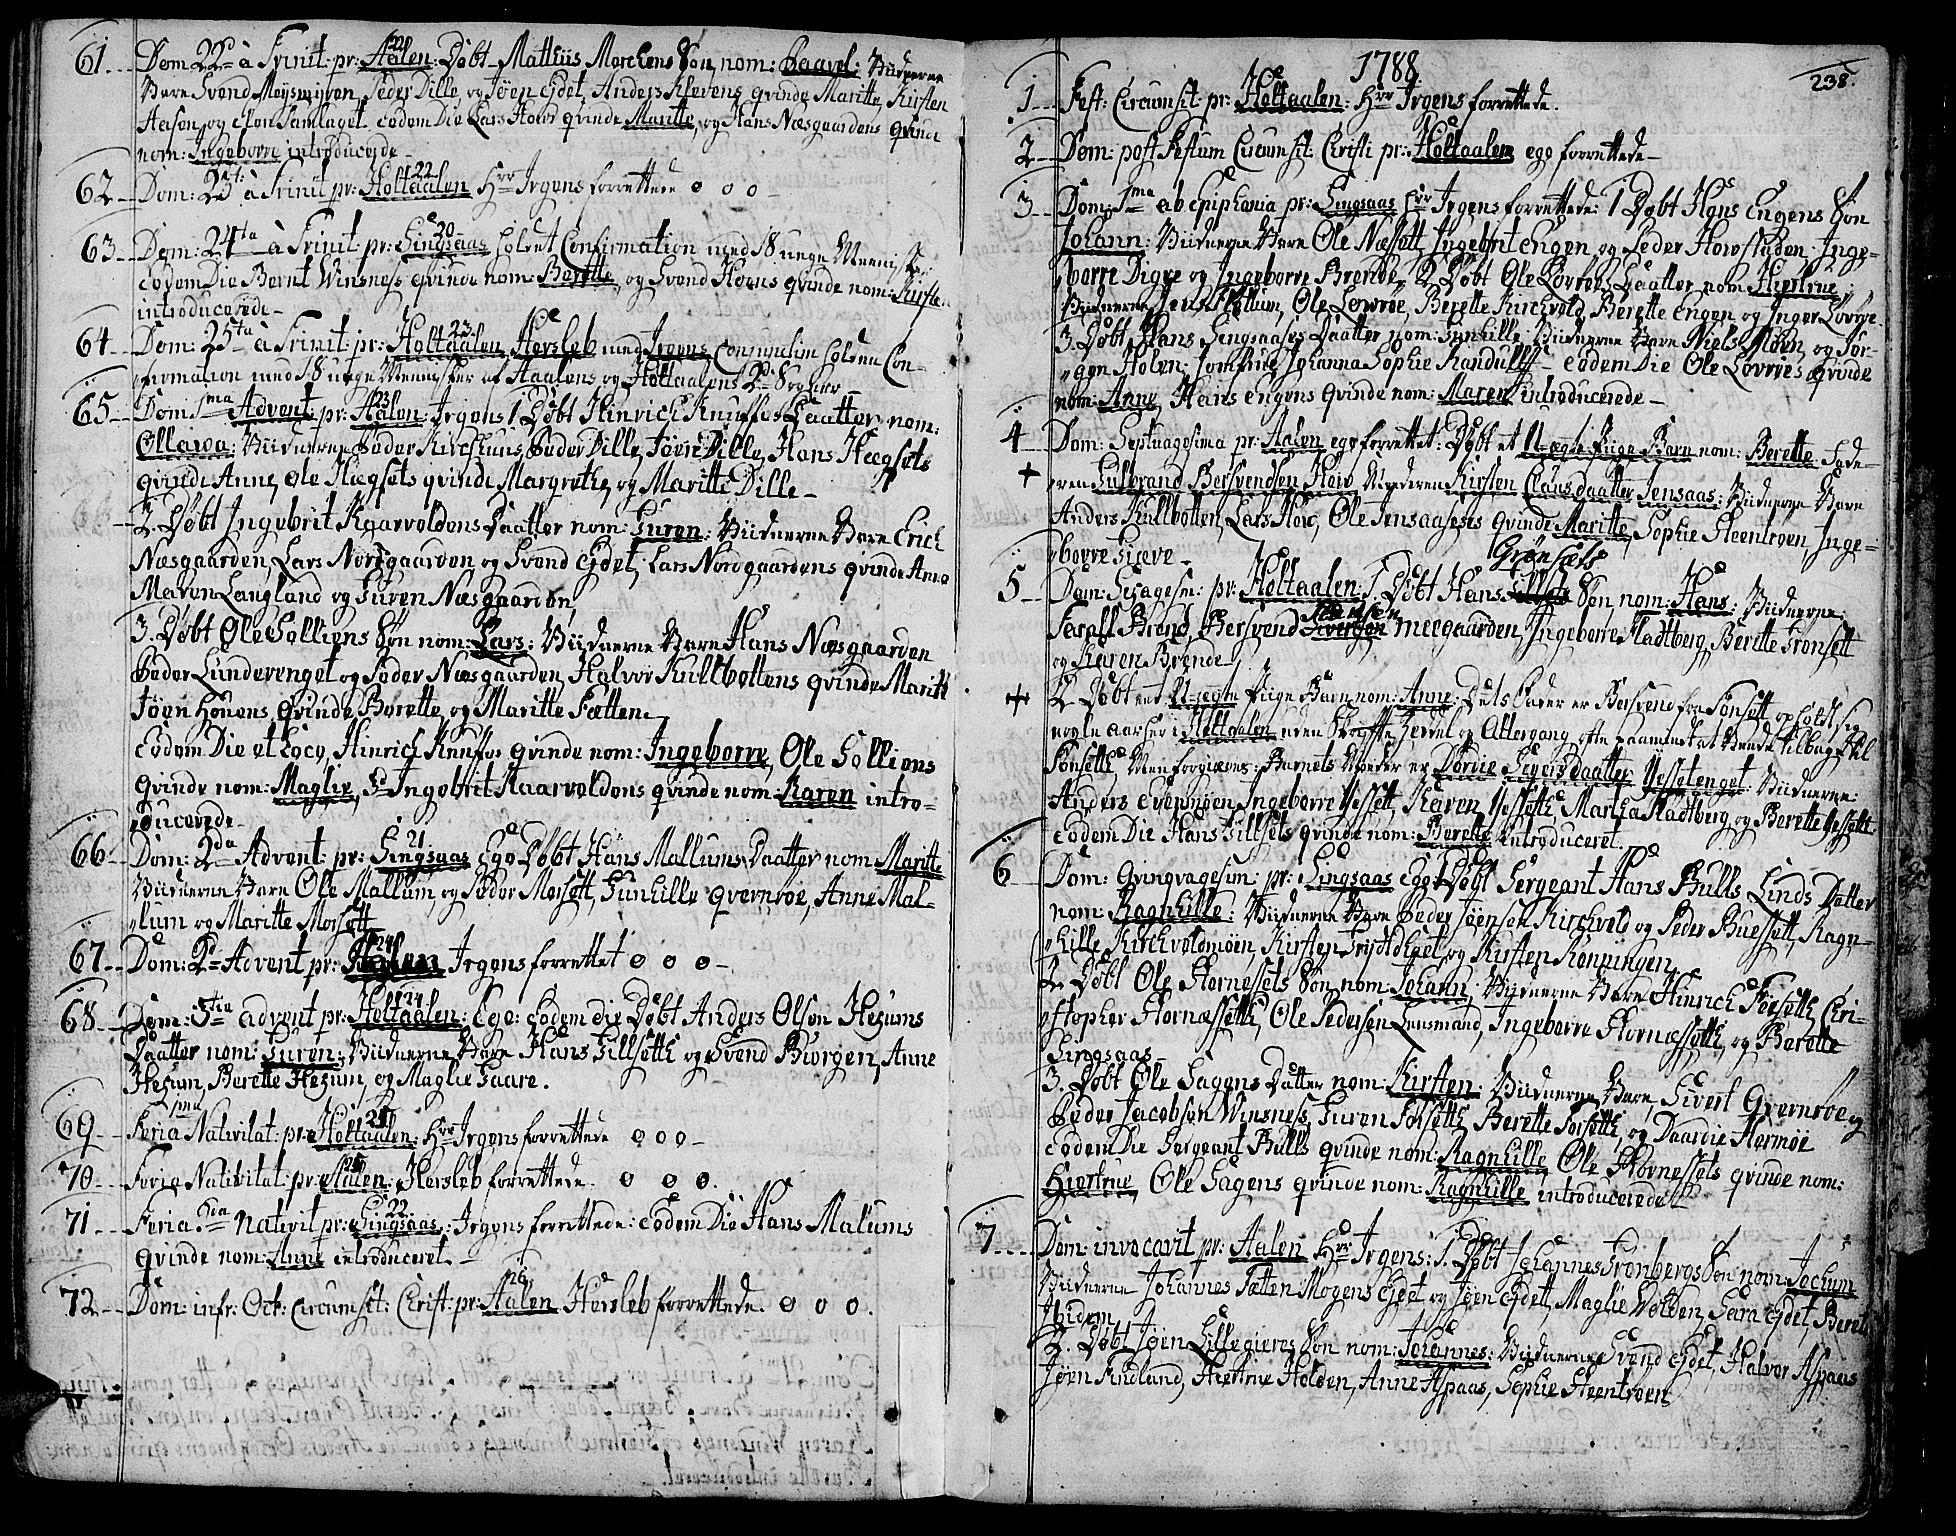 SAT, Ministerialprotokoller, klokkerbøker og fødselsregistre - Sør-Trøndelag, 685/L0952: Ministerialbok nr. 685A01, 1745-1804, s. 238